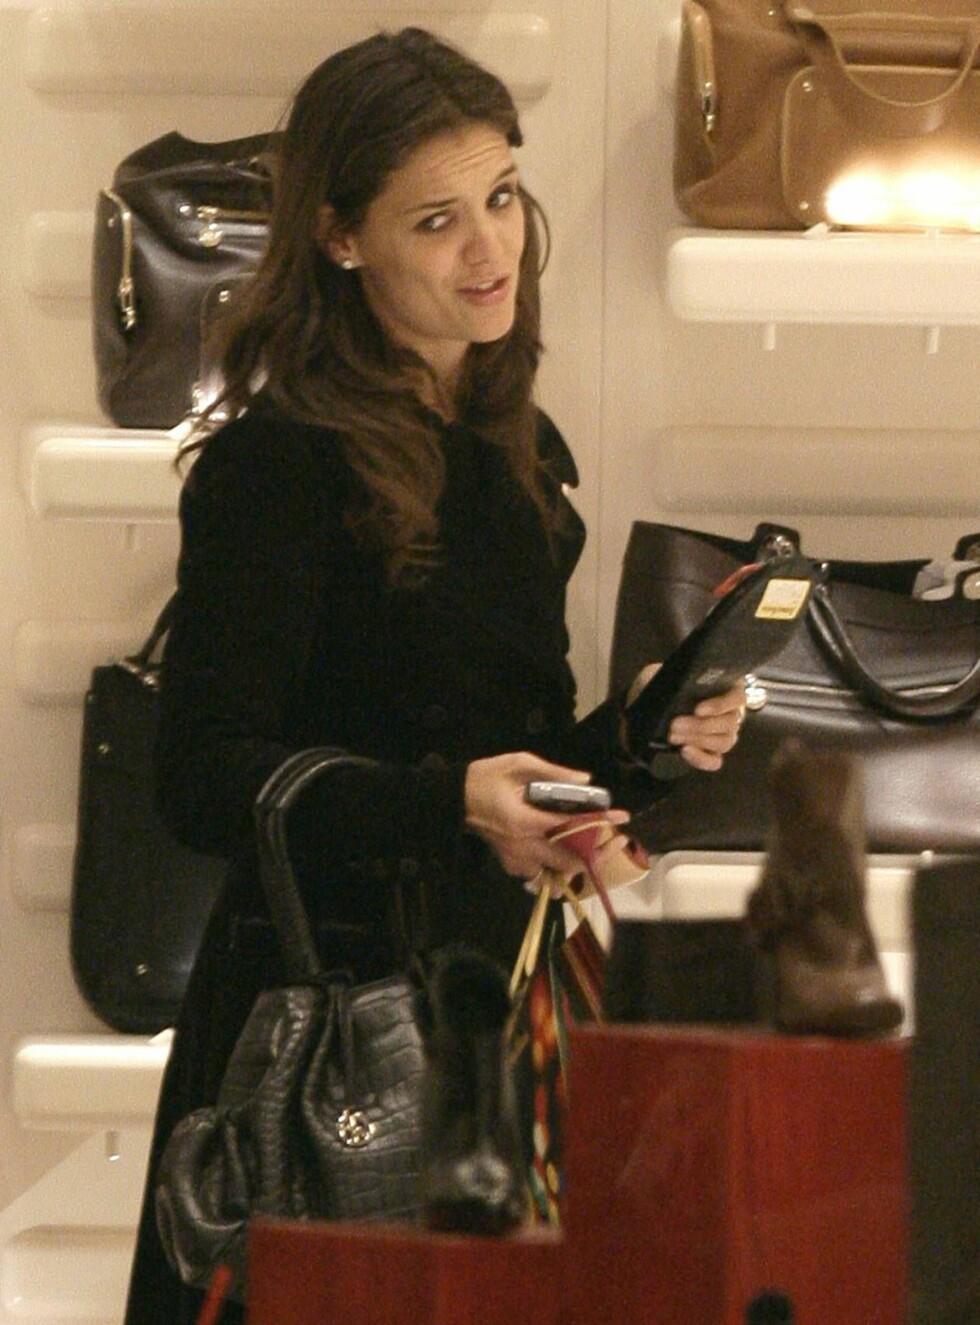 RAR I MASKA: Katie Holmes på handletur hos Marc Jacobs. Foto: STELLA PICTURES